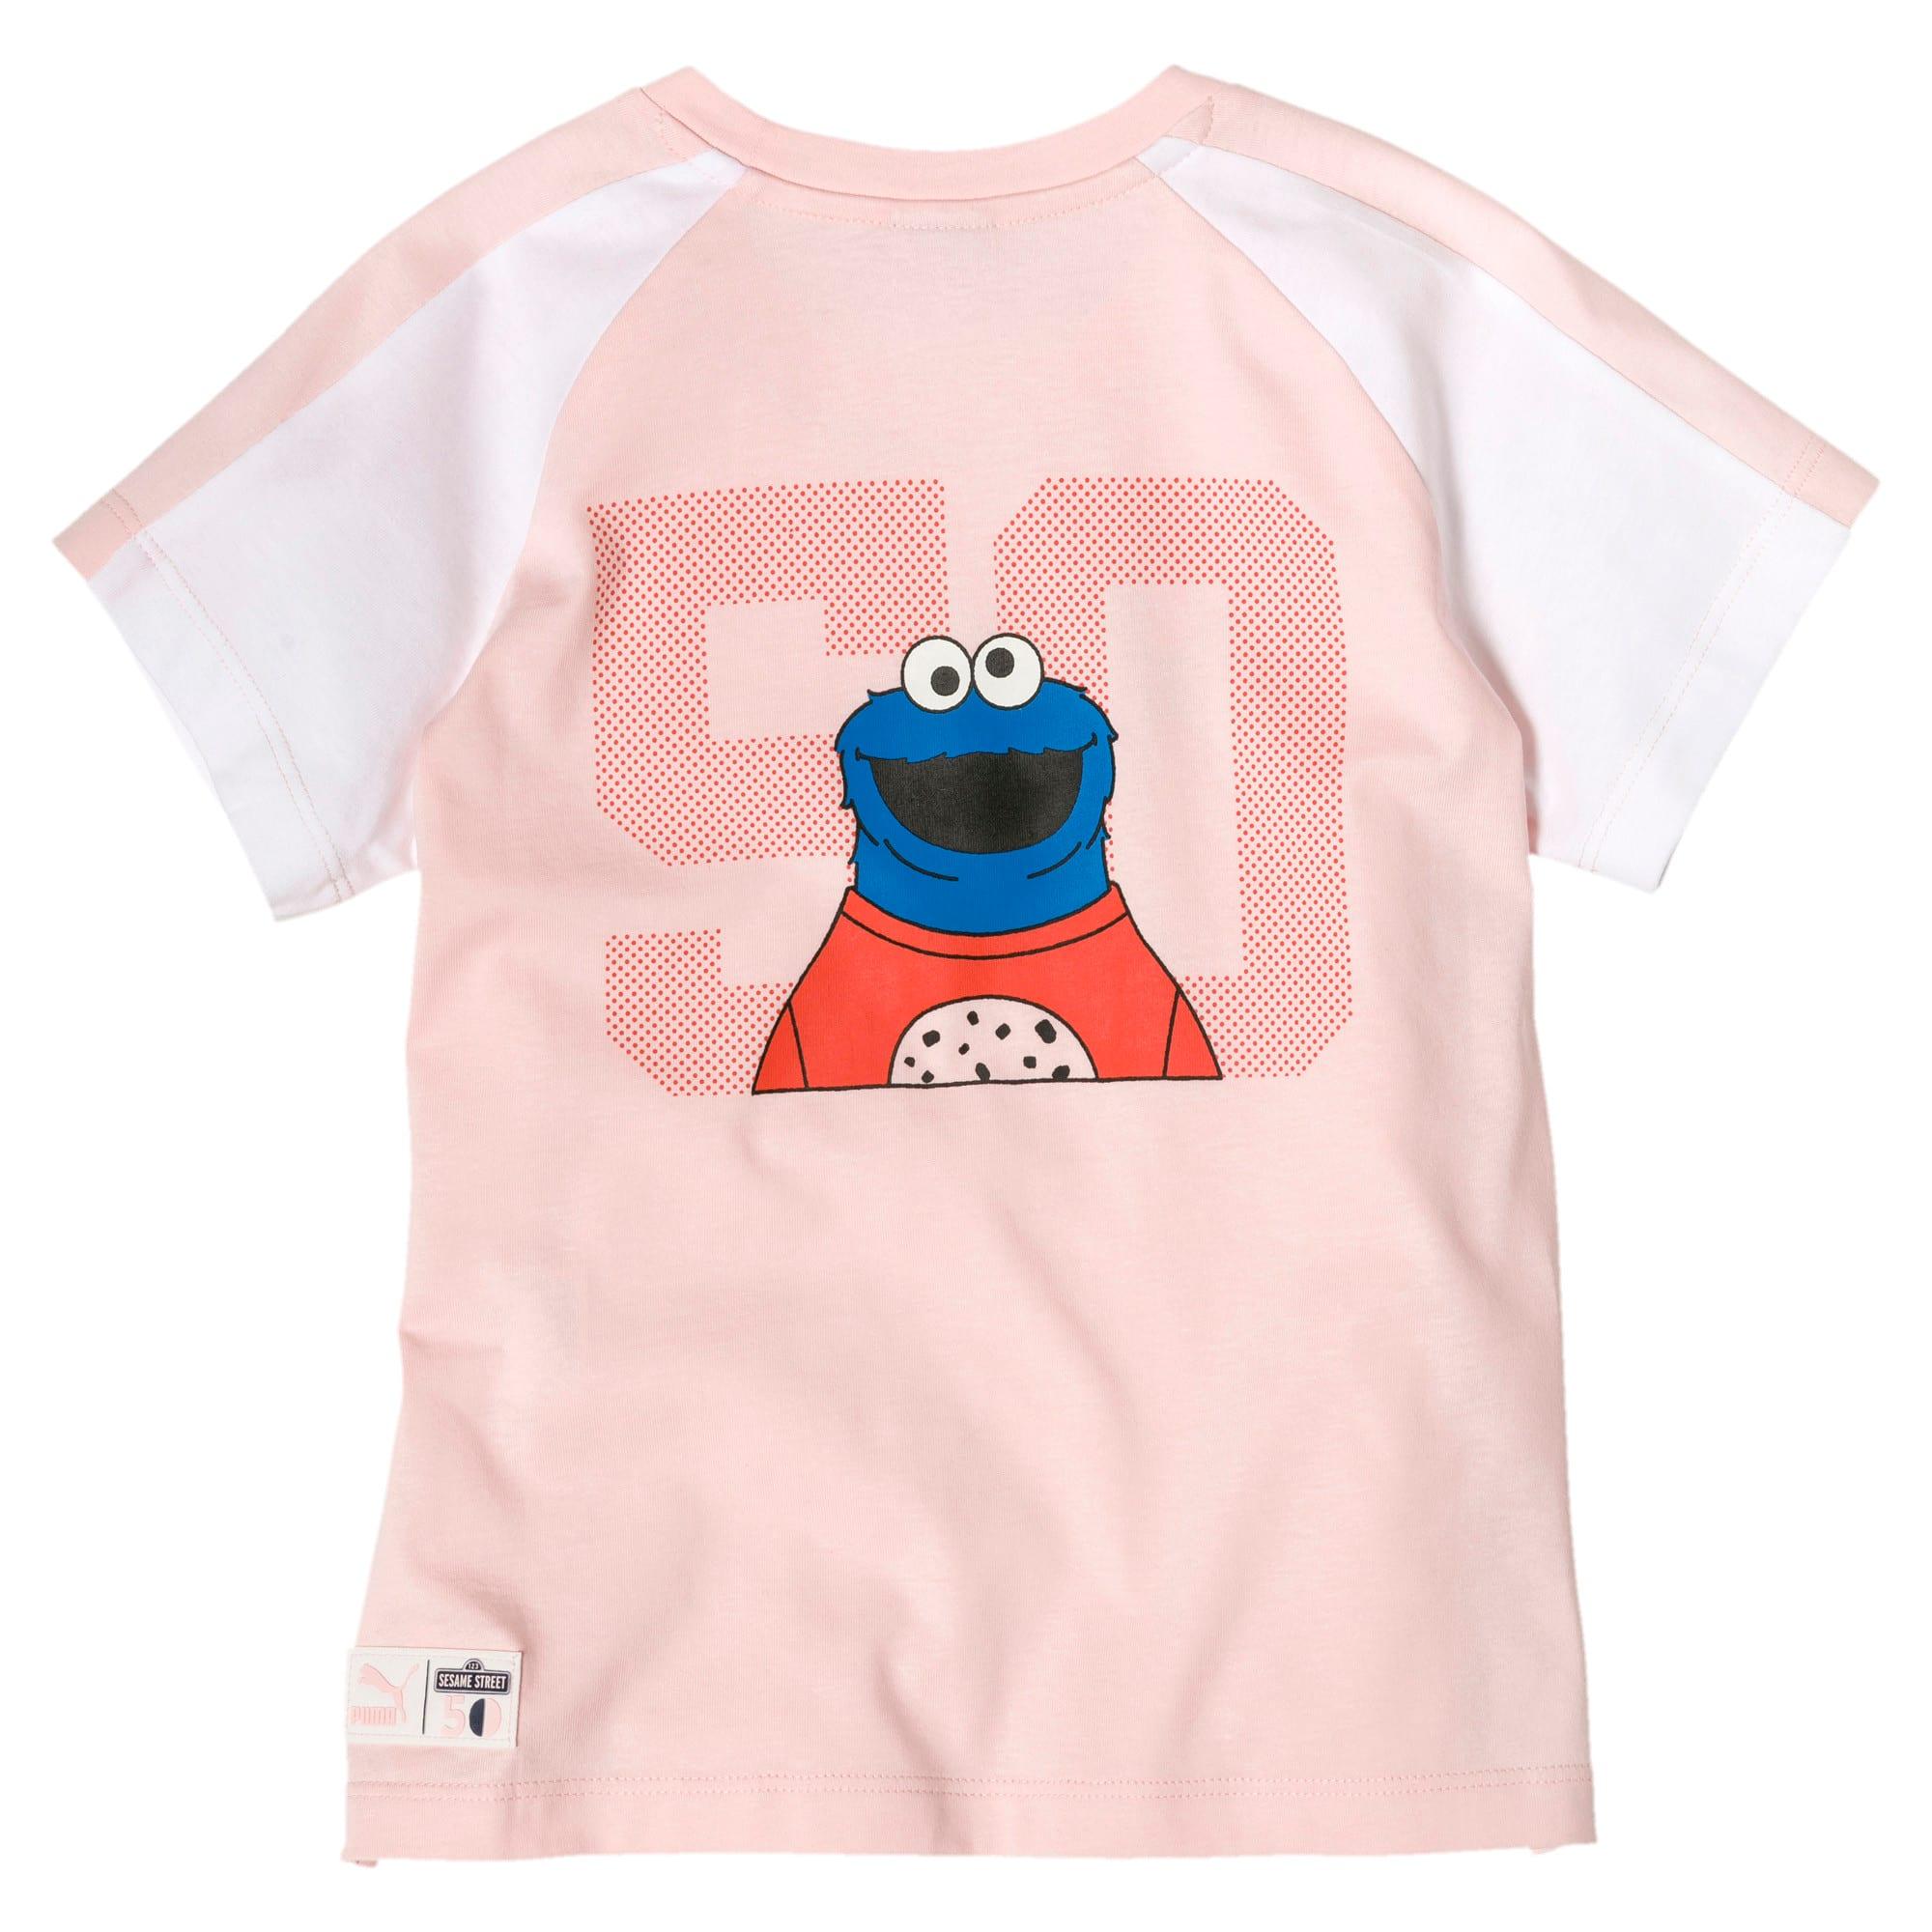 Miniatura 2 de Camiseta PUMA x SESAME STREET para niña, Veiled Rose, mediano